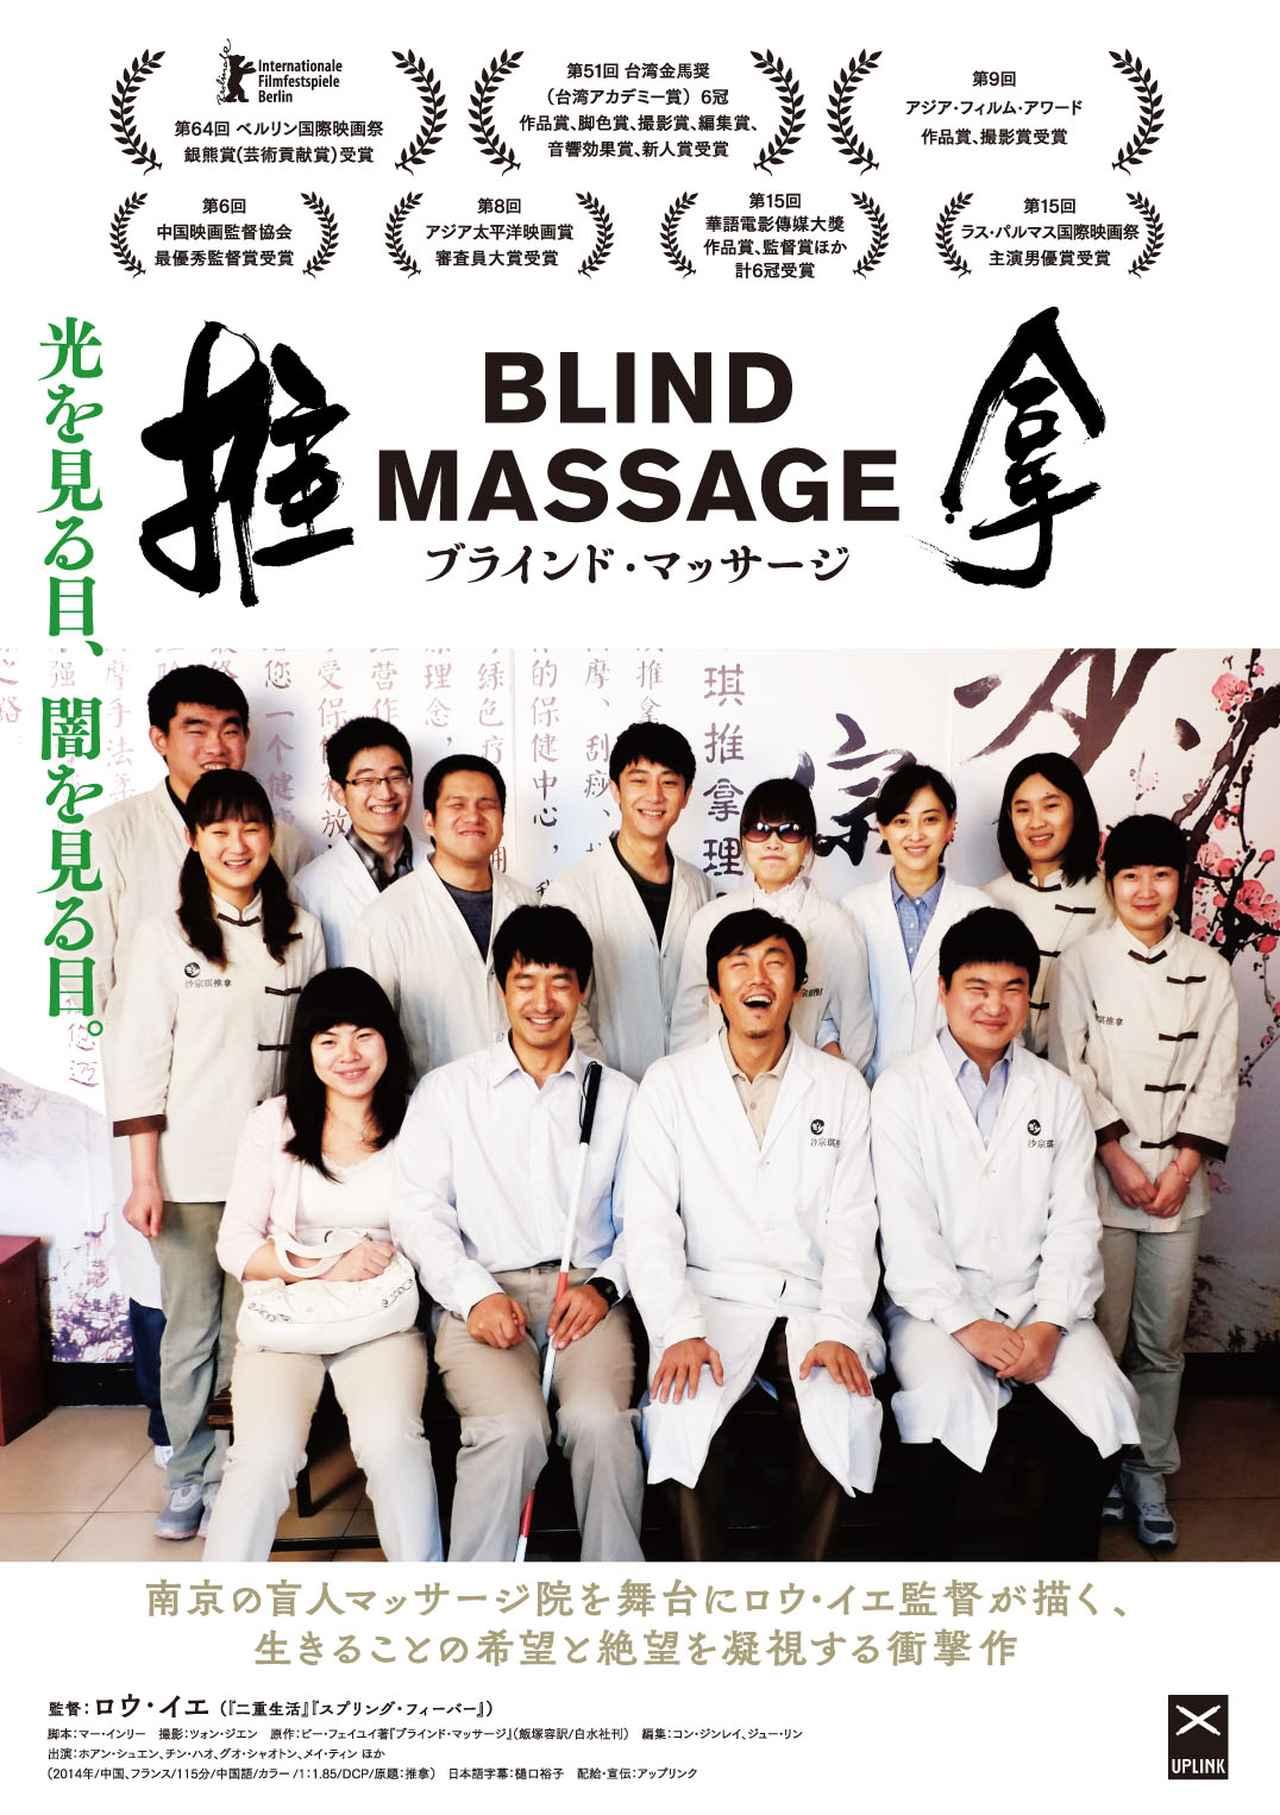 画像1: 南京の盲人マッサージ院を舞台に描く、苛烈な愛ーたたみかけるような怒涛の展開に驚愕